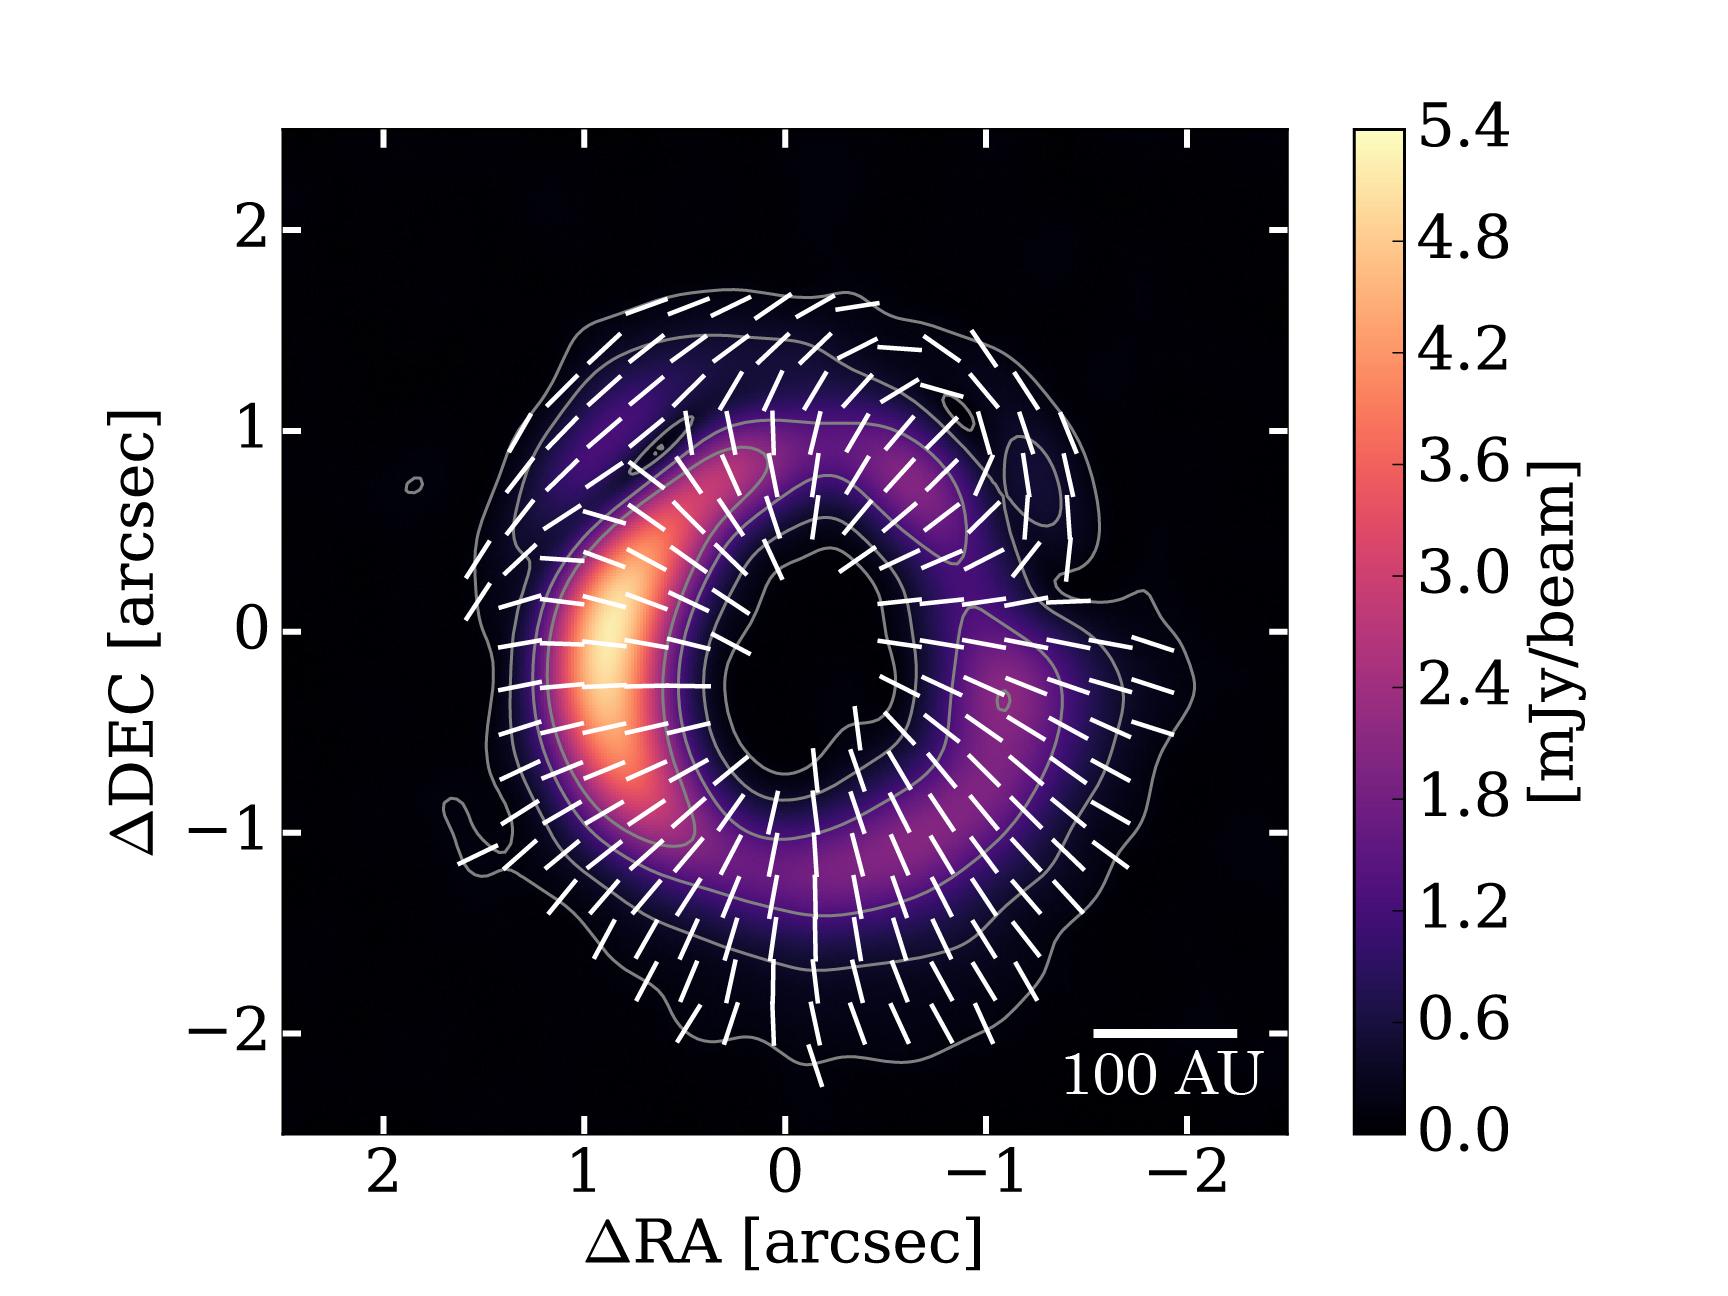 Patrón de polarización alrededor de la joven estrella HD 142527 obtenido por ALMA. Los contornos muestran la intensidad total de las emisiones de polvo y la imagen a colores muestra la intensidad de las emisiones polarizadas. Las barras blancas muestran la dirección de la polarización. Créditos: ALMA (ESO/NAOJ/NRAO), Kataoka et al.